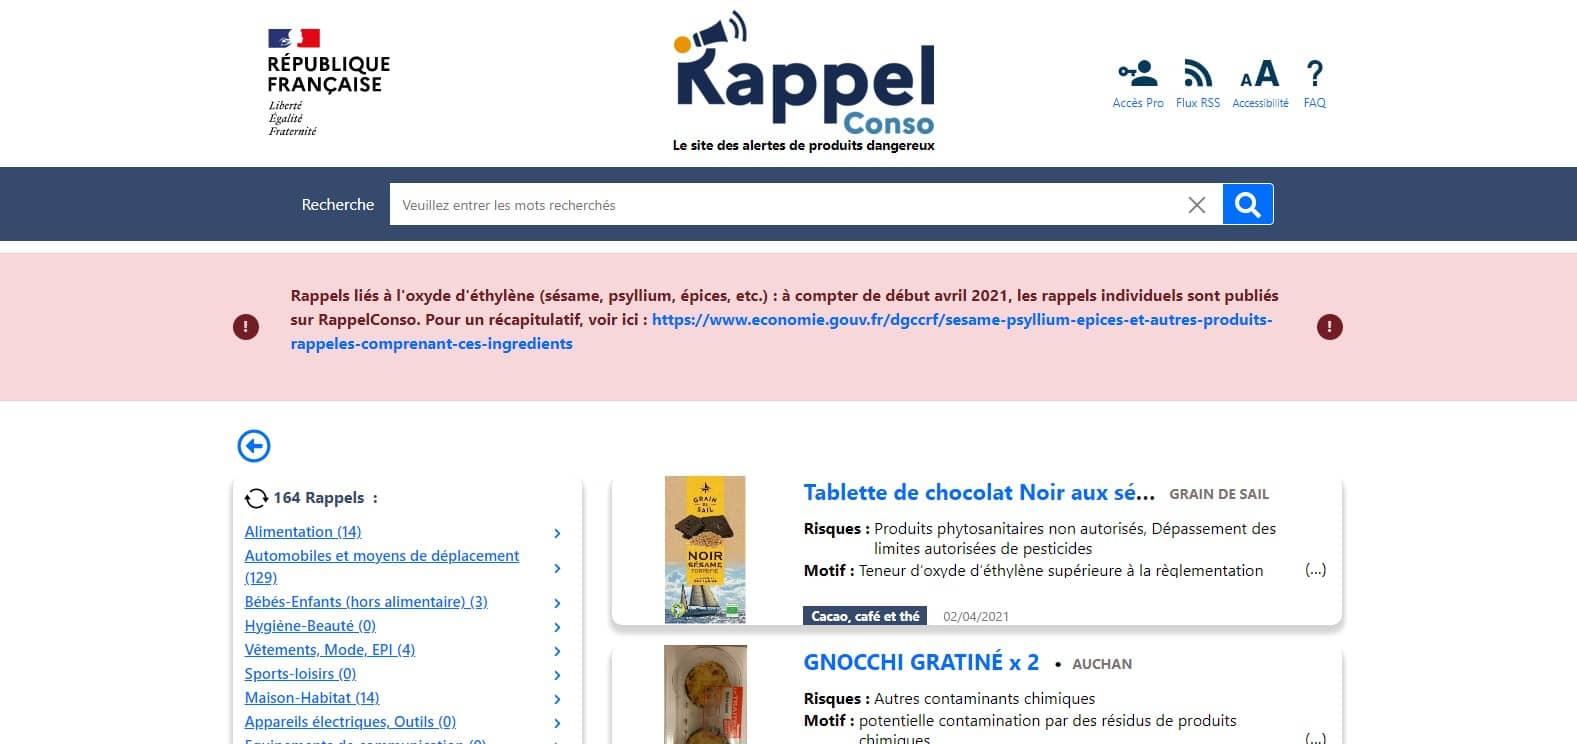 Site Internet RappelConso, les alertes de produits dangereux